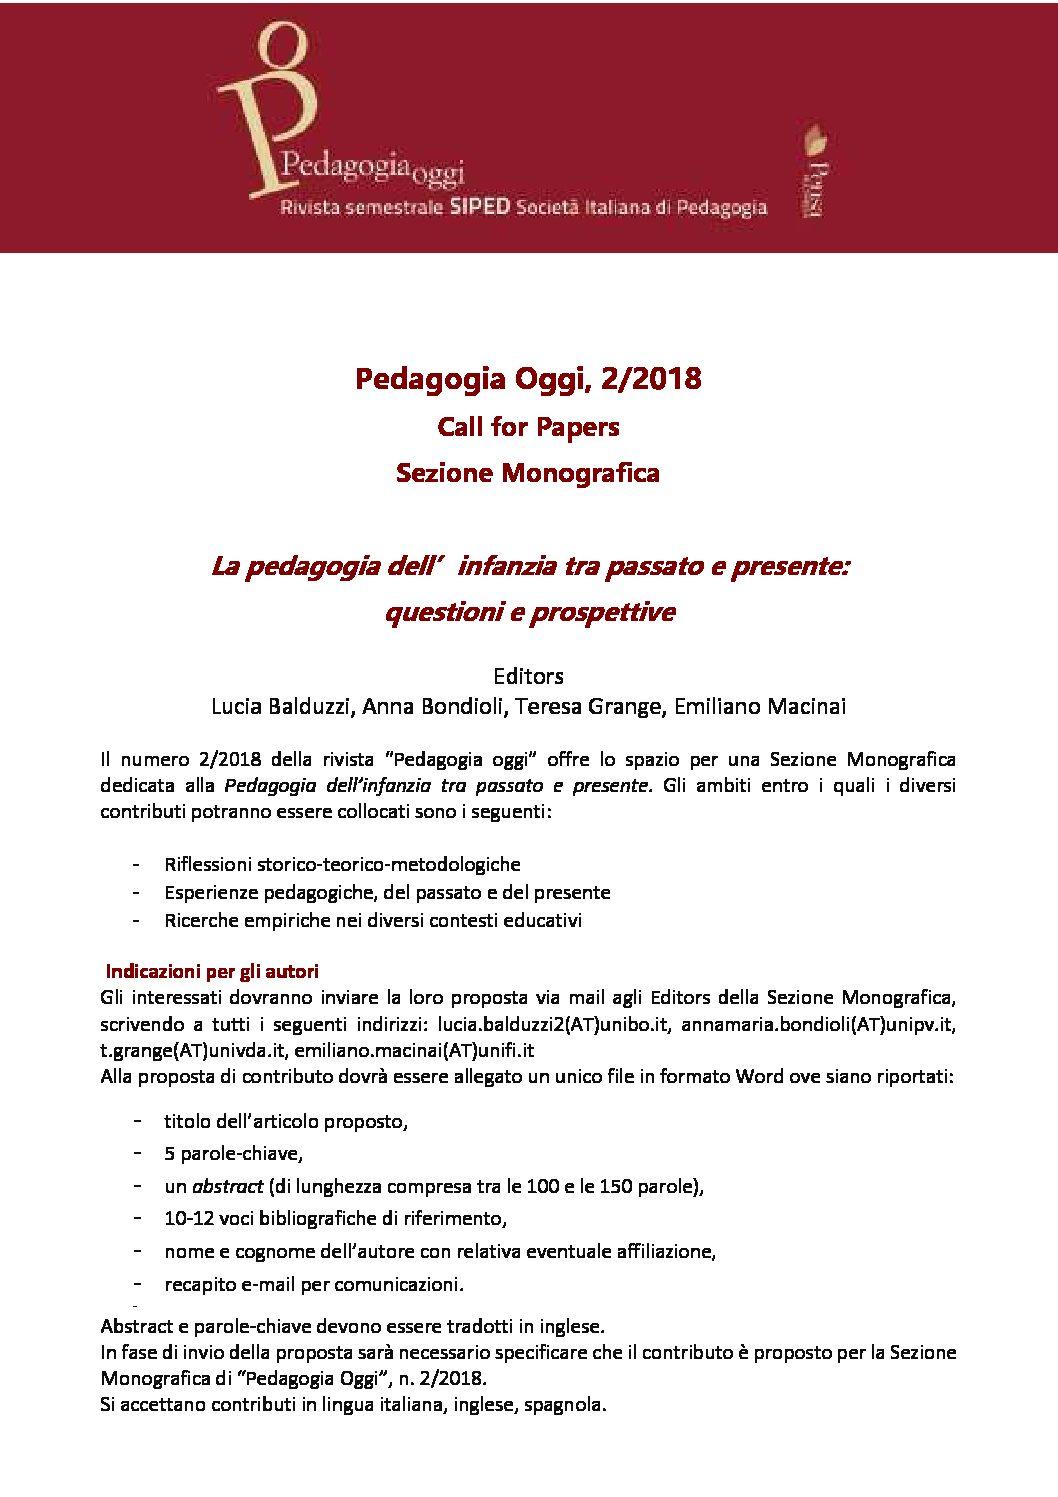 """Call for papers per la sezione monografica """"Pedagogia Oggi"""" 2/2018 – 15 aprile"""